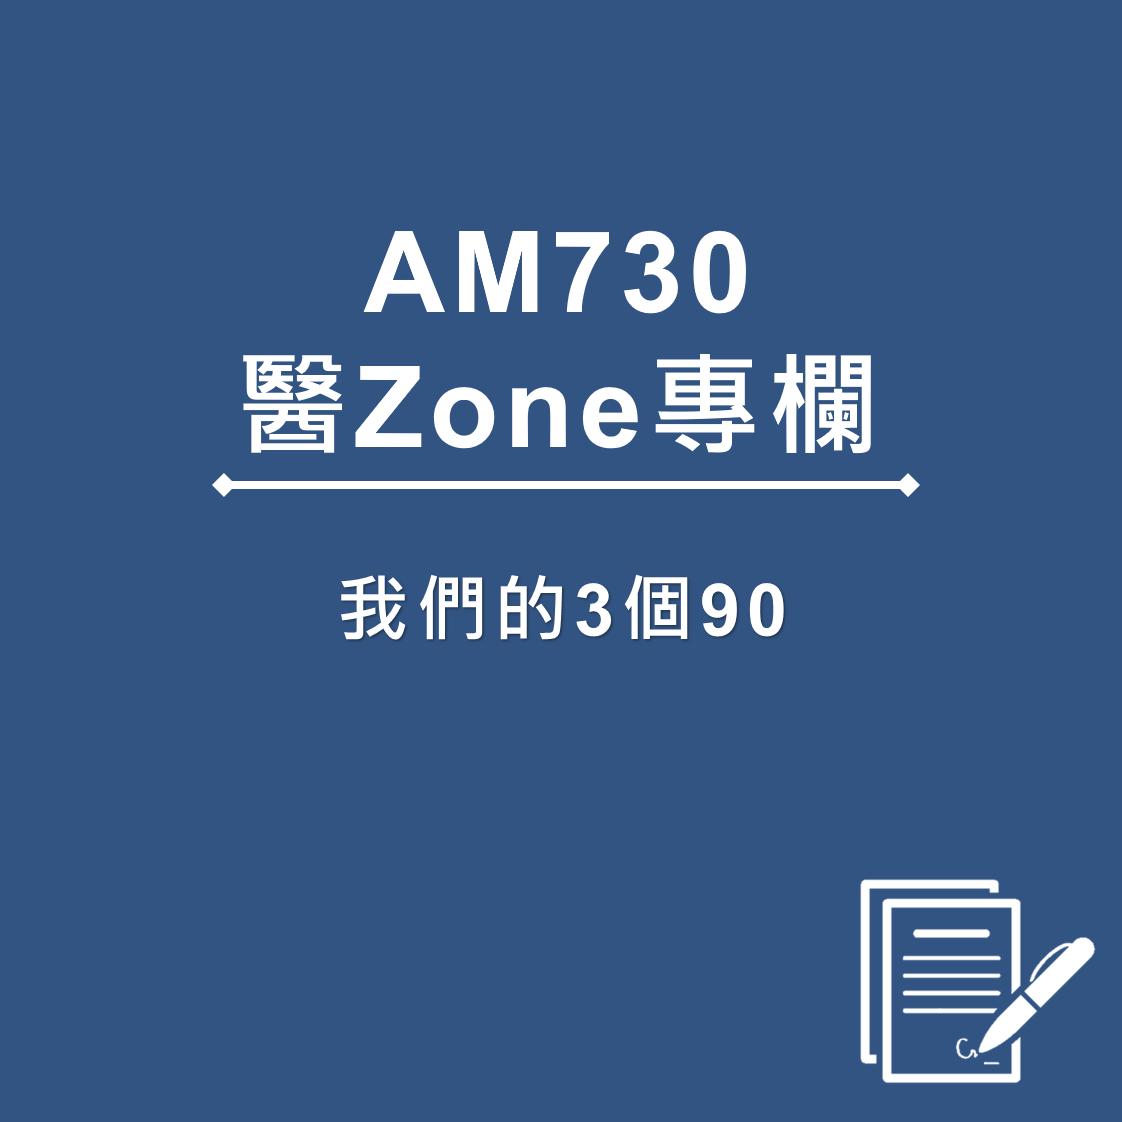 AM730 醫Zone 專欄 - 我們的3個90